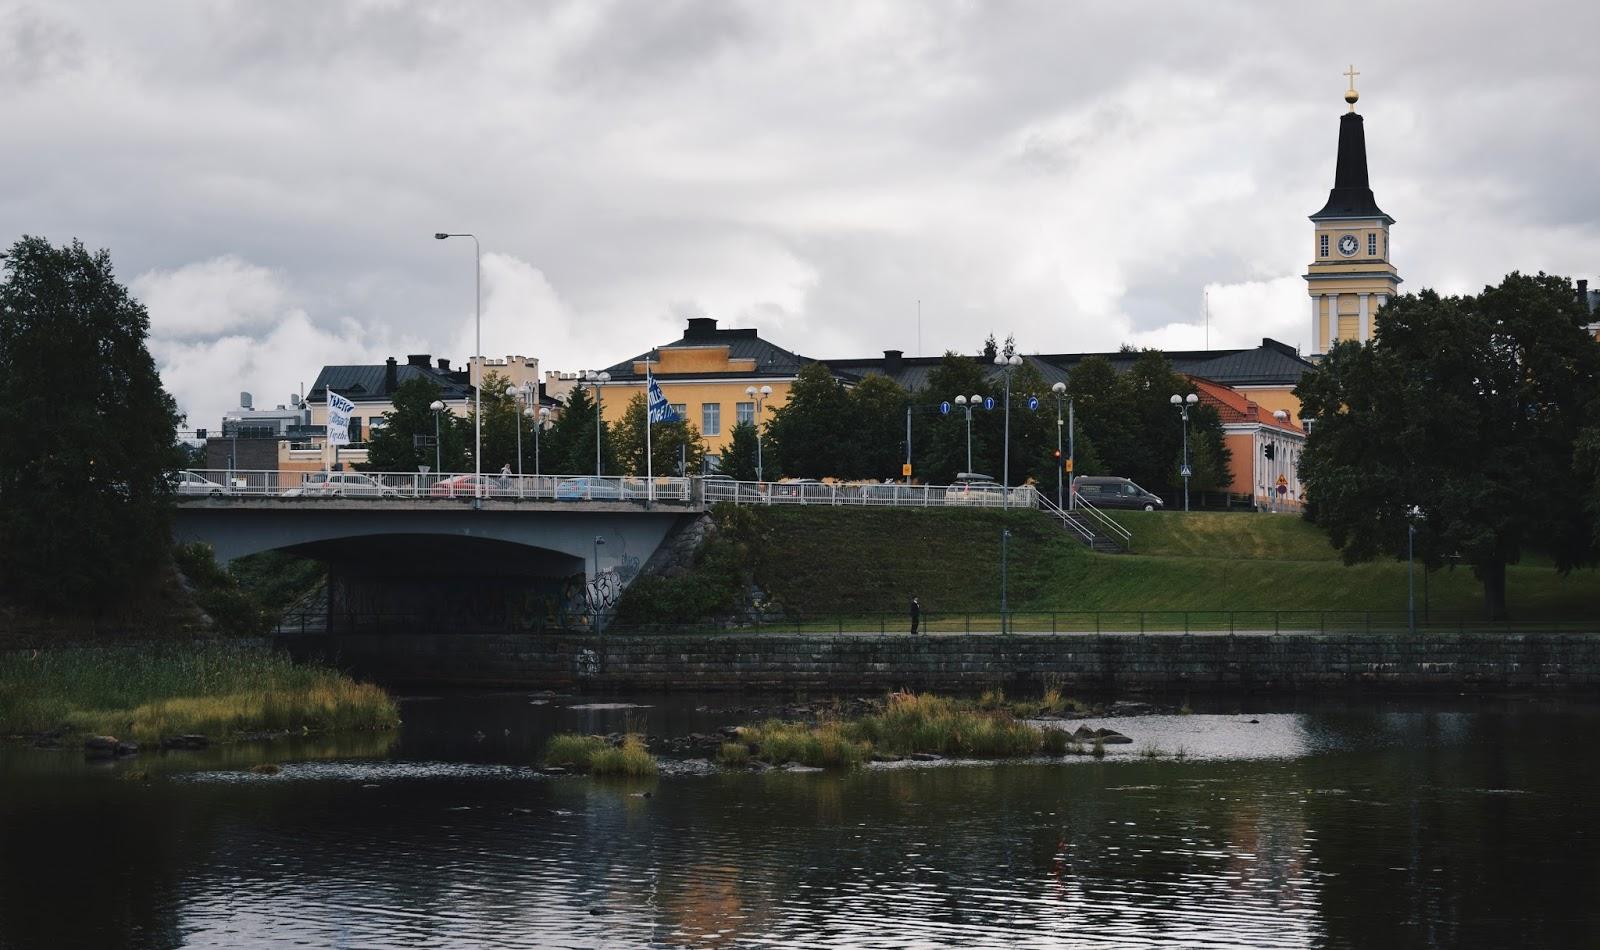 oulu suomi matkustus matkustaminen matkailu